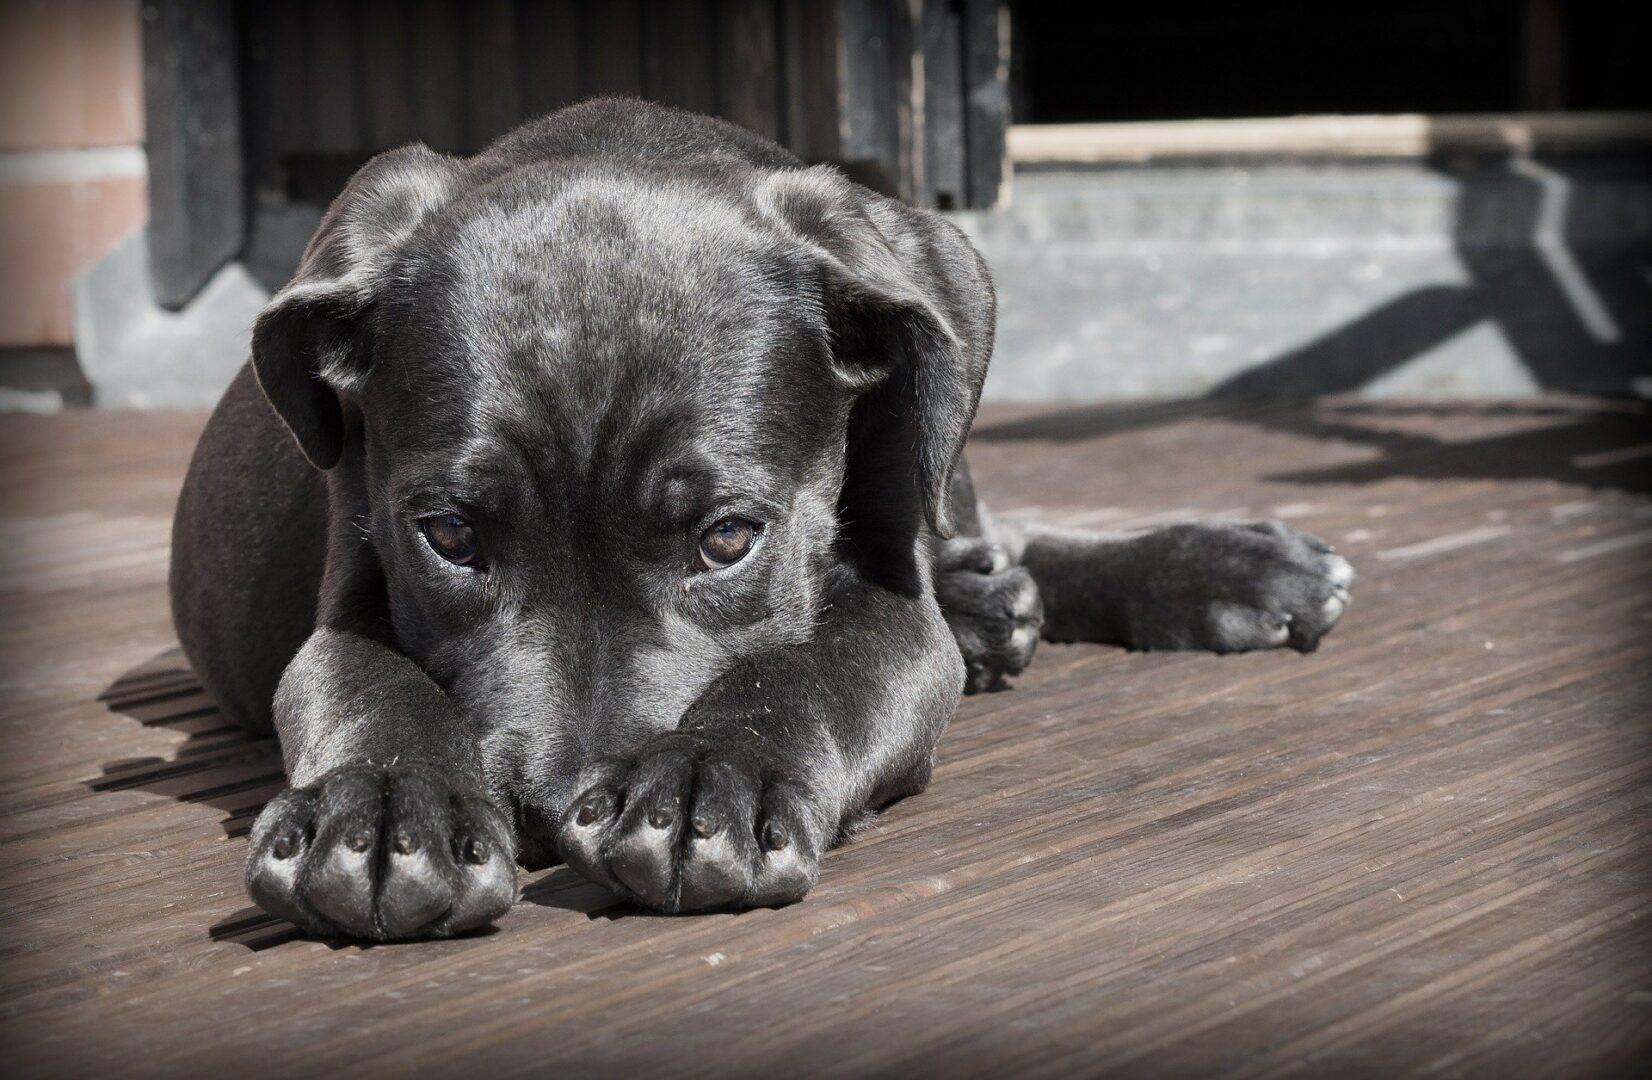 Patas de cachorro, como cuidar? Função, dicas e curiosidades